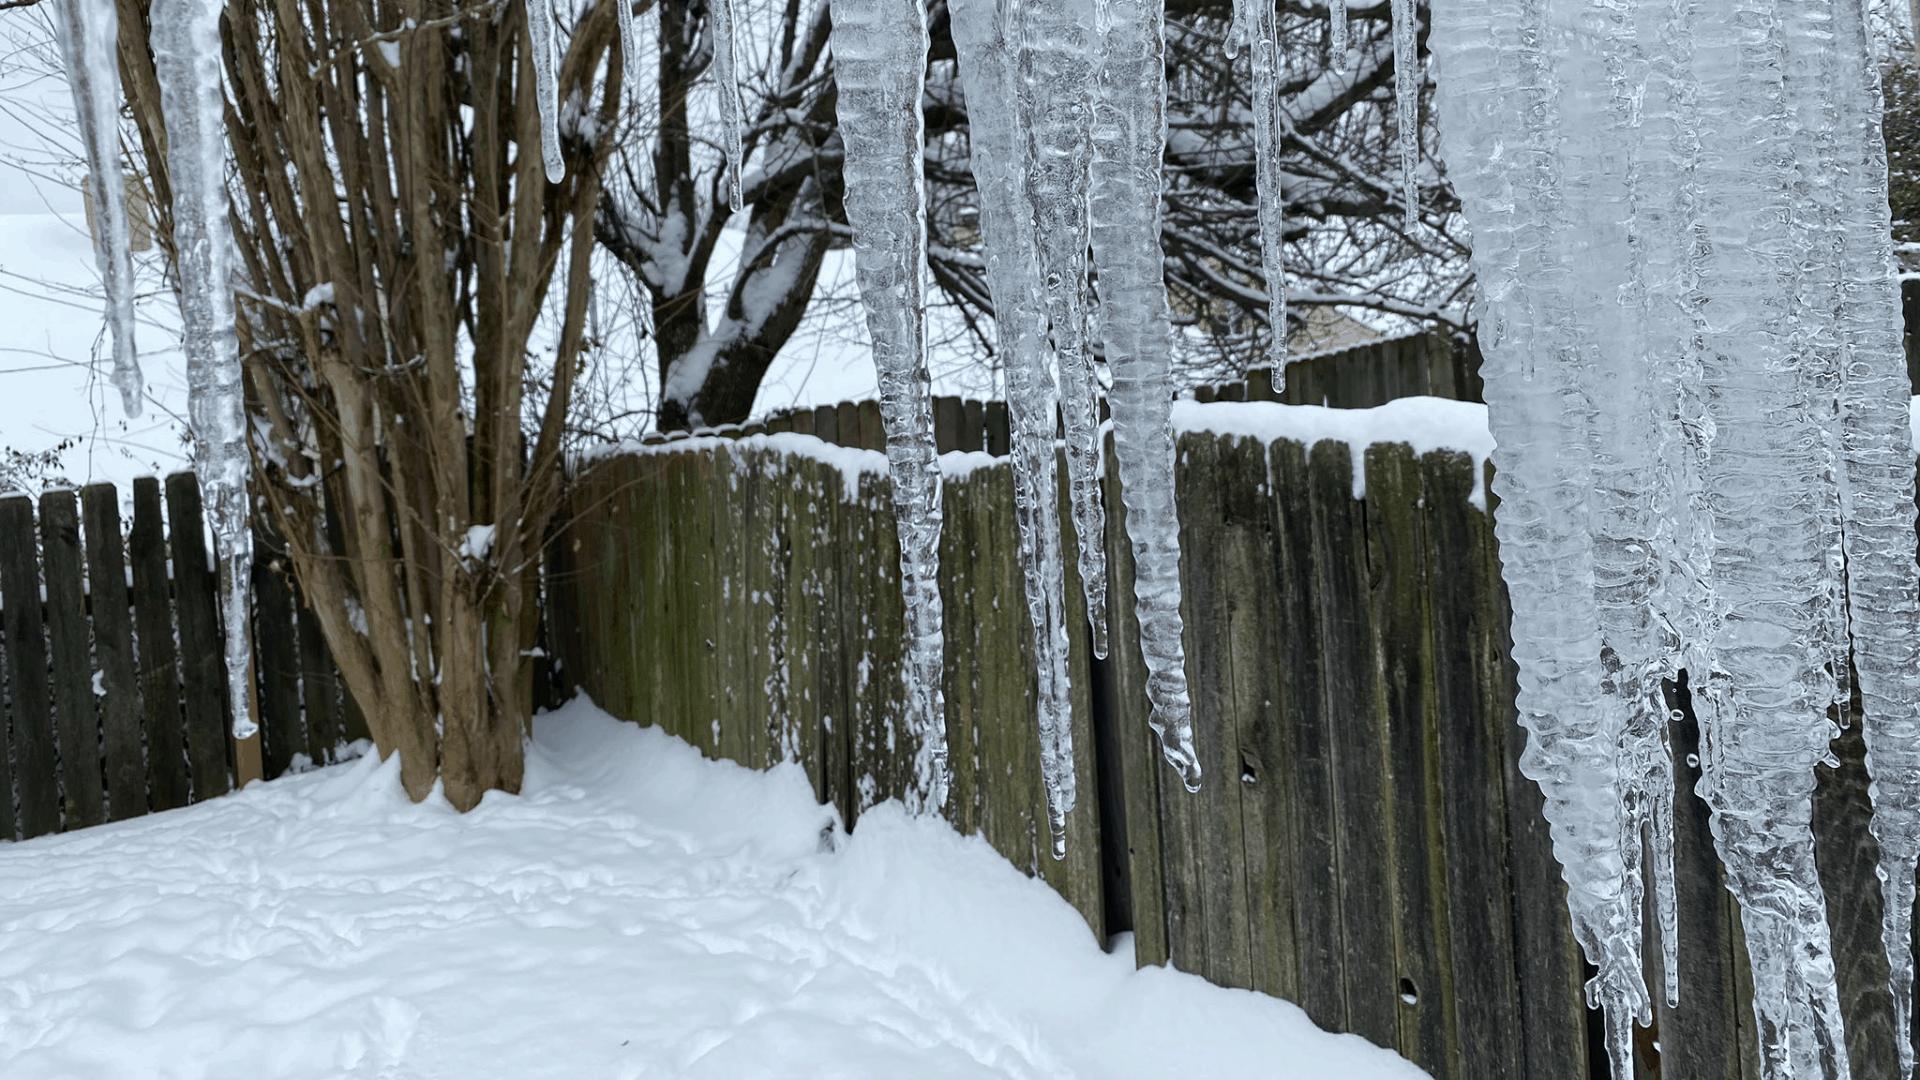 Tennessee reporta 10 muertes relacionadas a las tormentas invernales que azotaron el estado | Local by Facundo Valdez